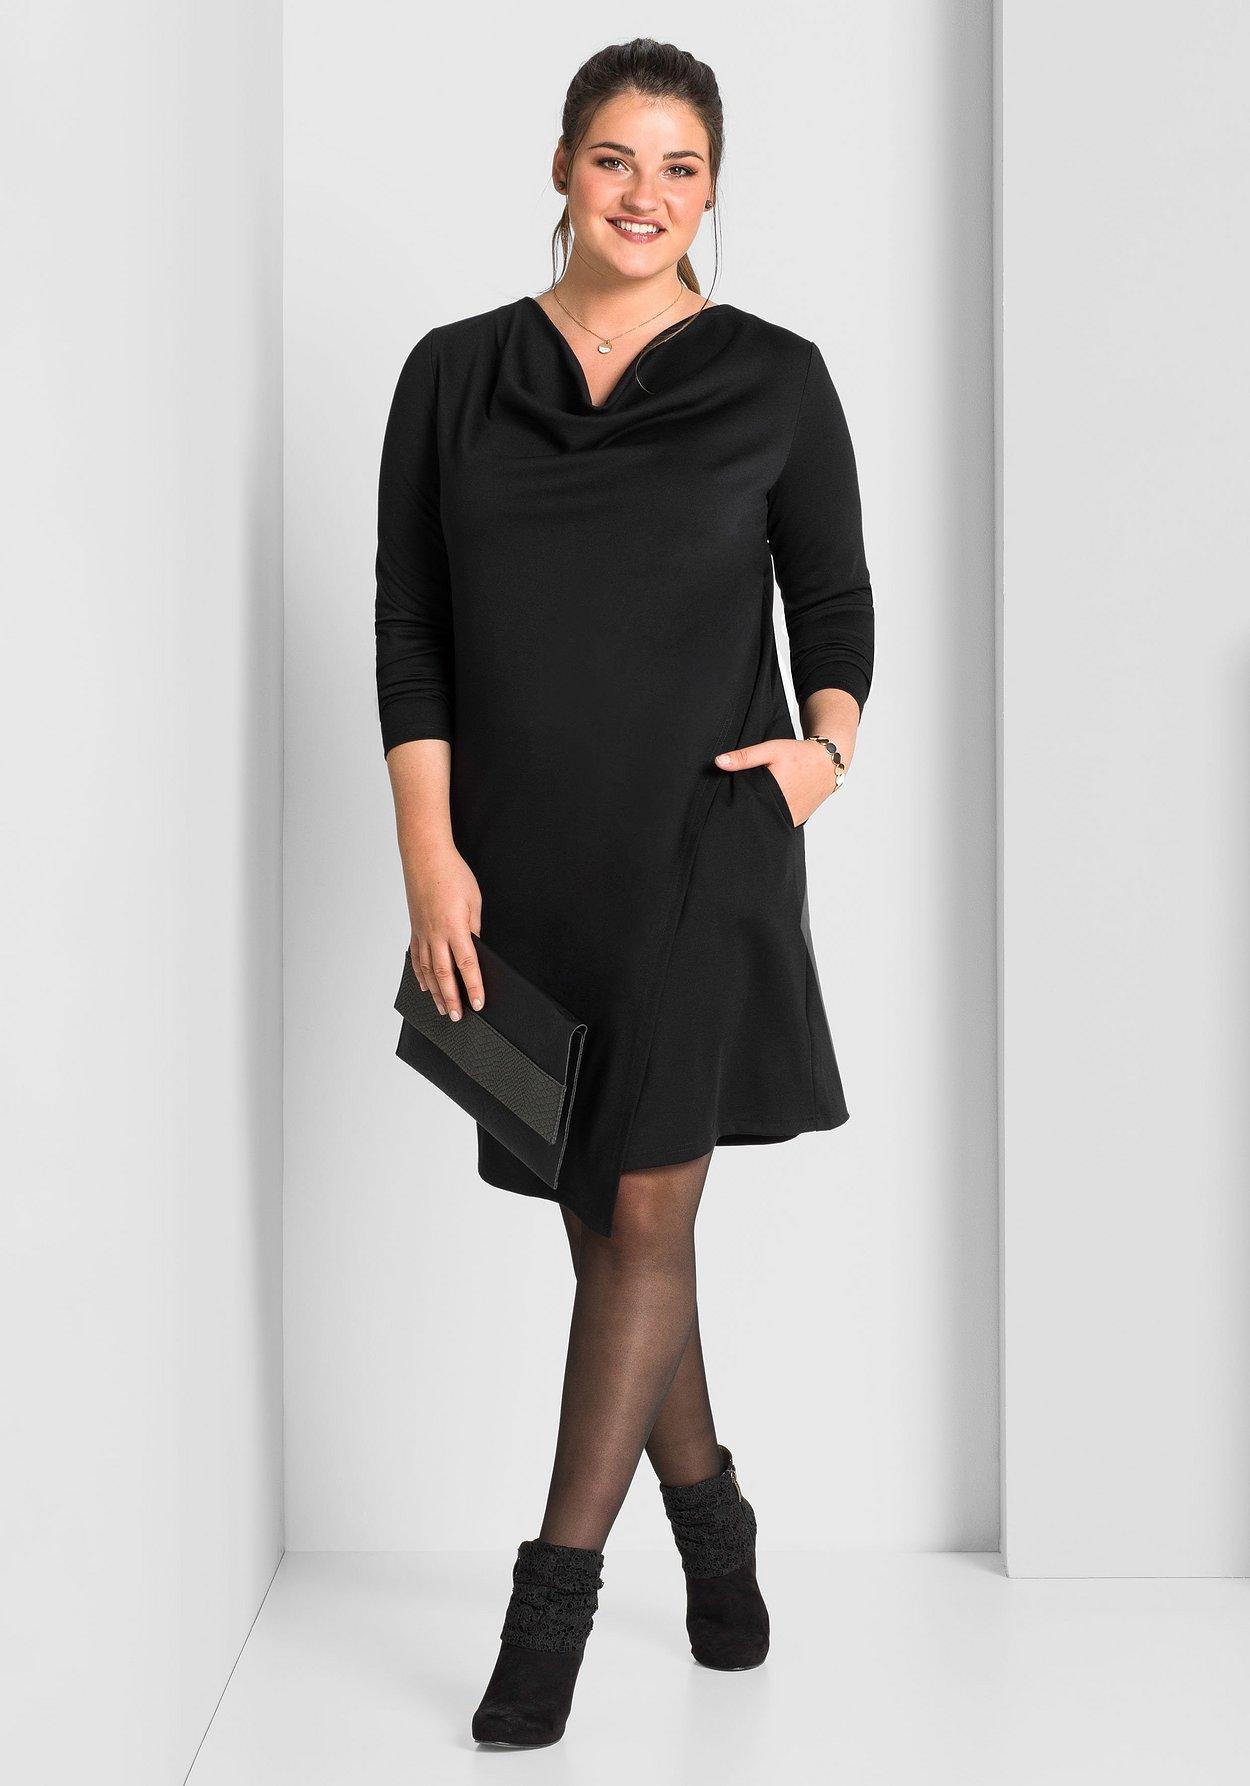 schwarzsheego Wasserfallkragen Wasserfallkragen schwarzsheego Kleid Kleid mit Kleid mit schwarzsheego mit Wasserfallkragen dxeCoB